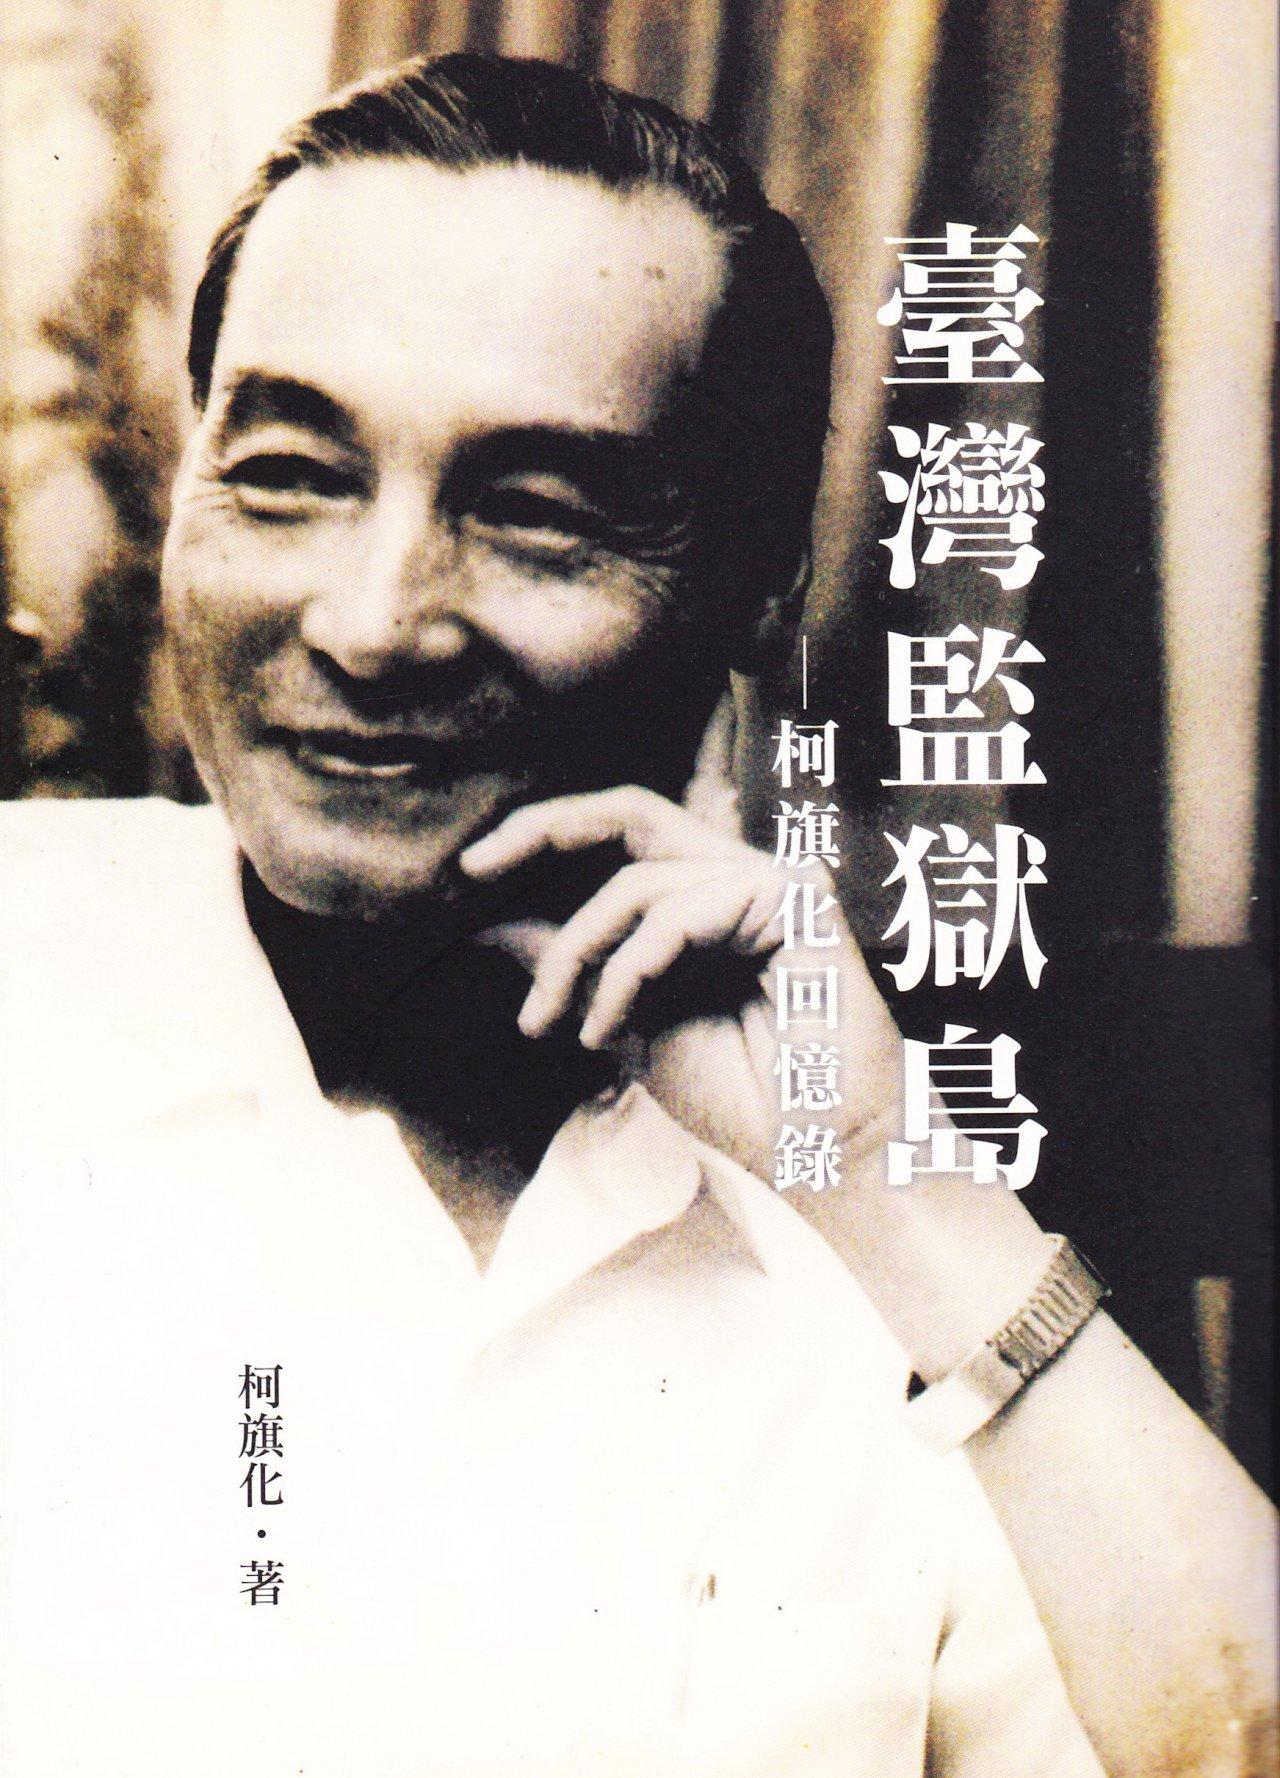 下週的台灣歷史回顧:柯旗化第二次入獄、法務部長蕭天讚因關說案下台、米糠油污染食安事件